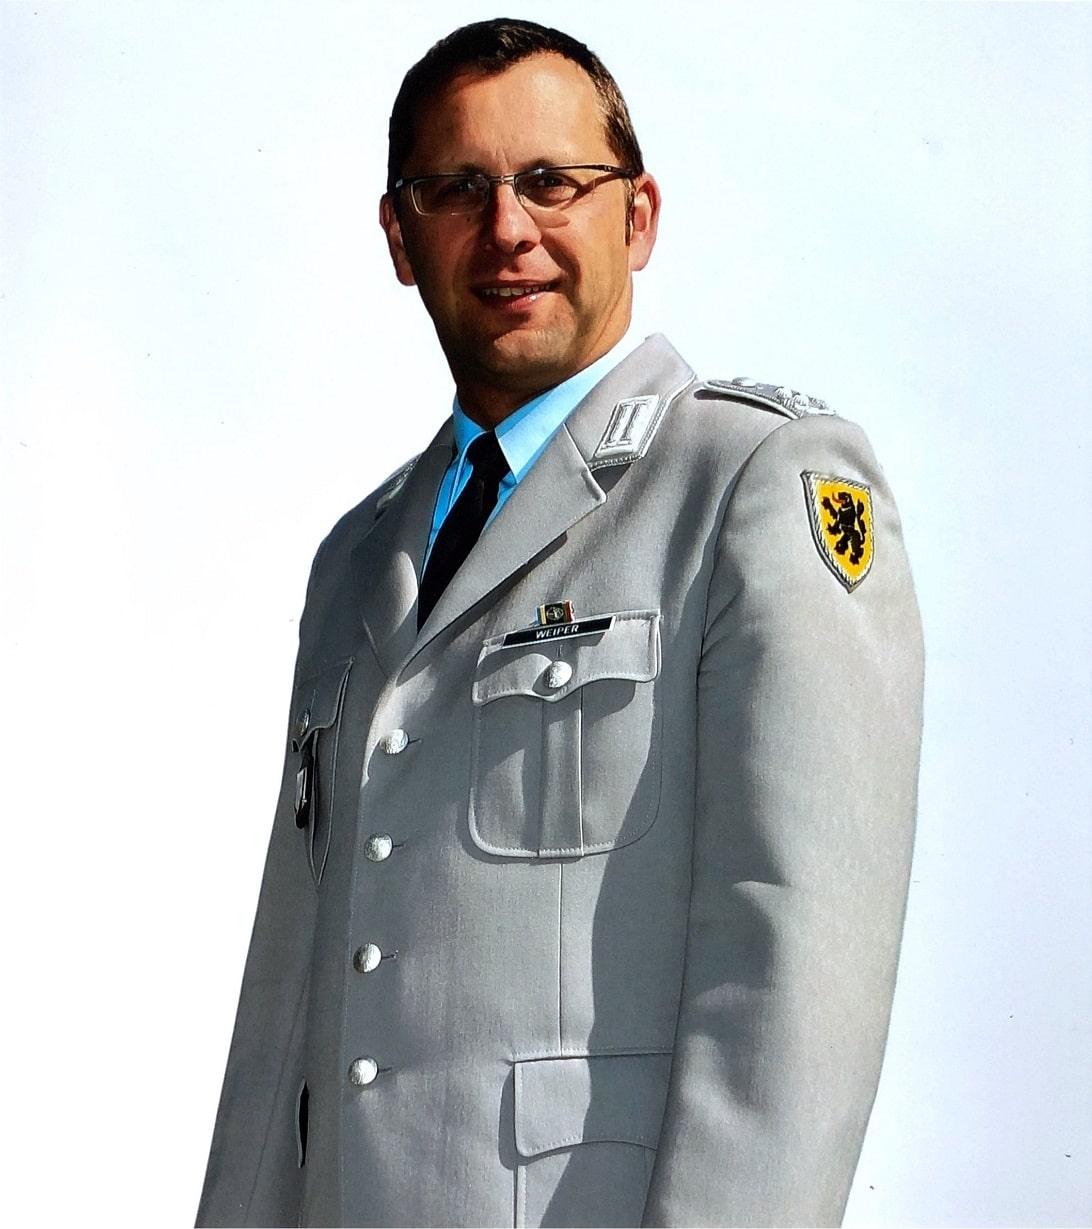 Oberstleutnant Christian Weiper leitete das Heeresmusikkorps Ulm von 2006 bis 2012